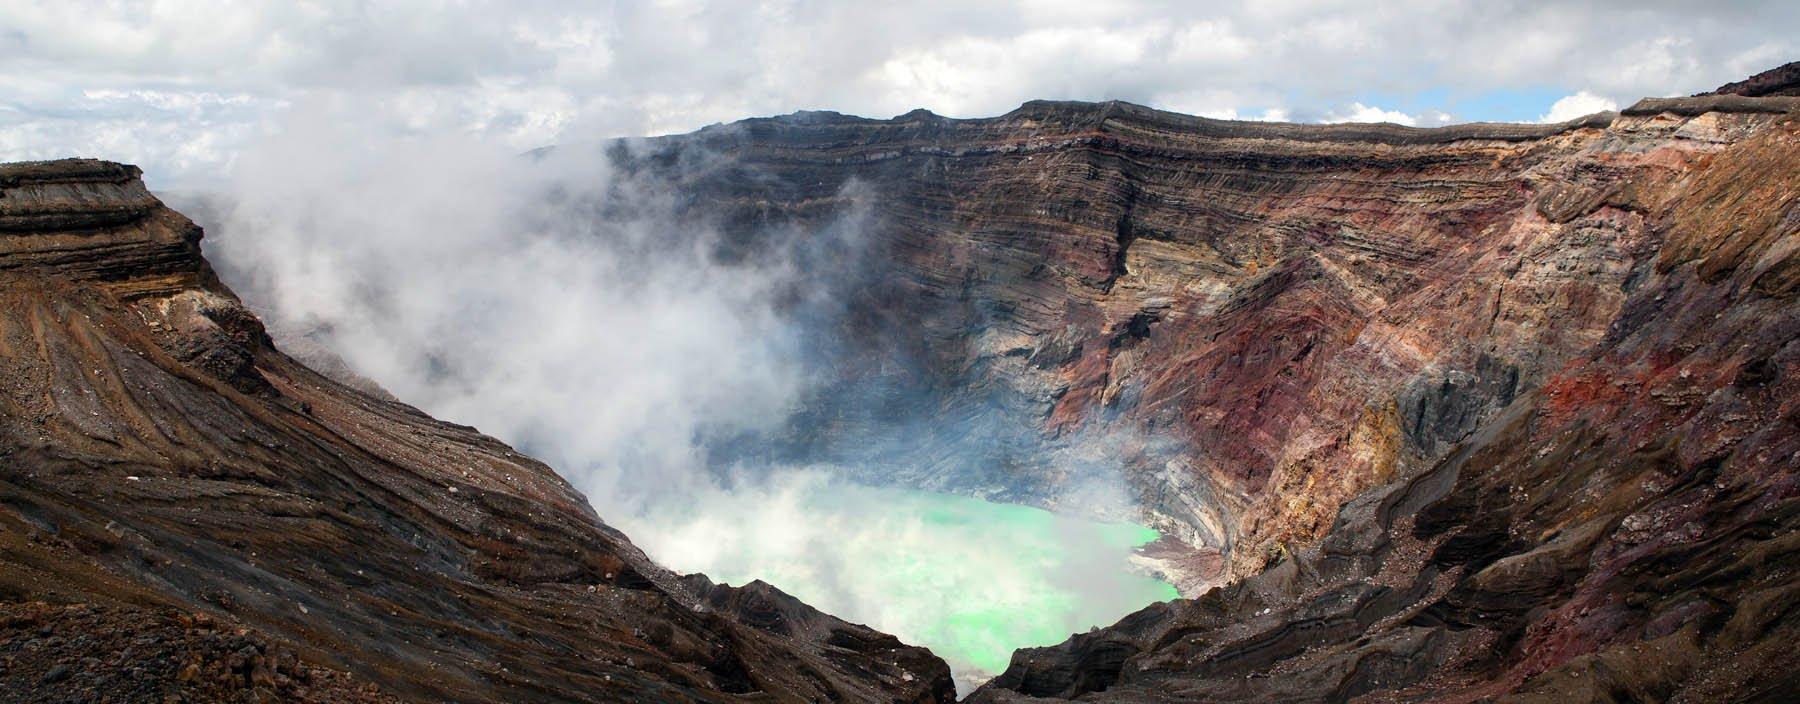 jp, aso vulkaan, krater.jpg